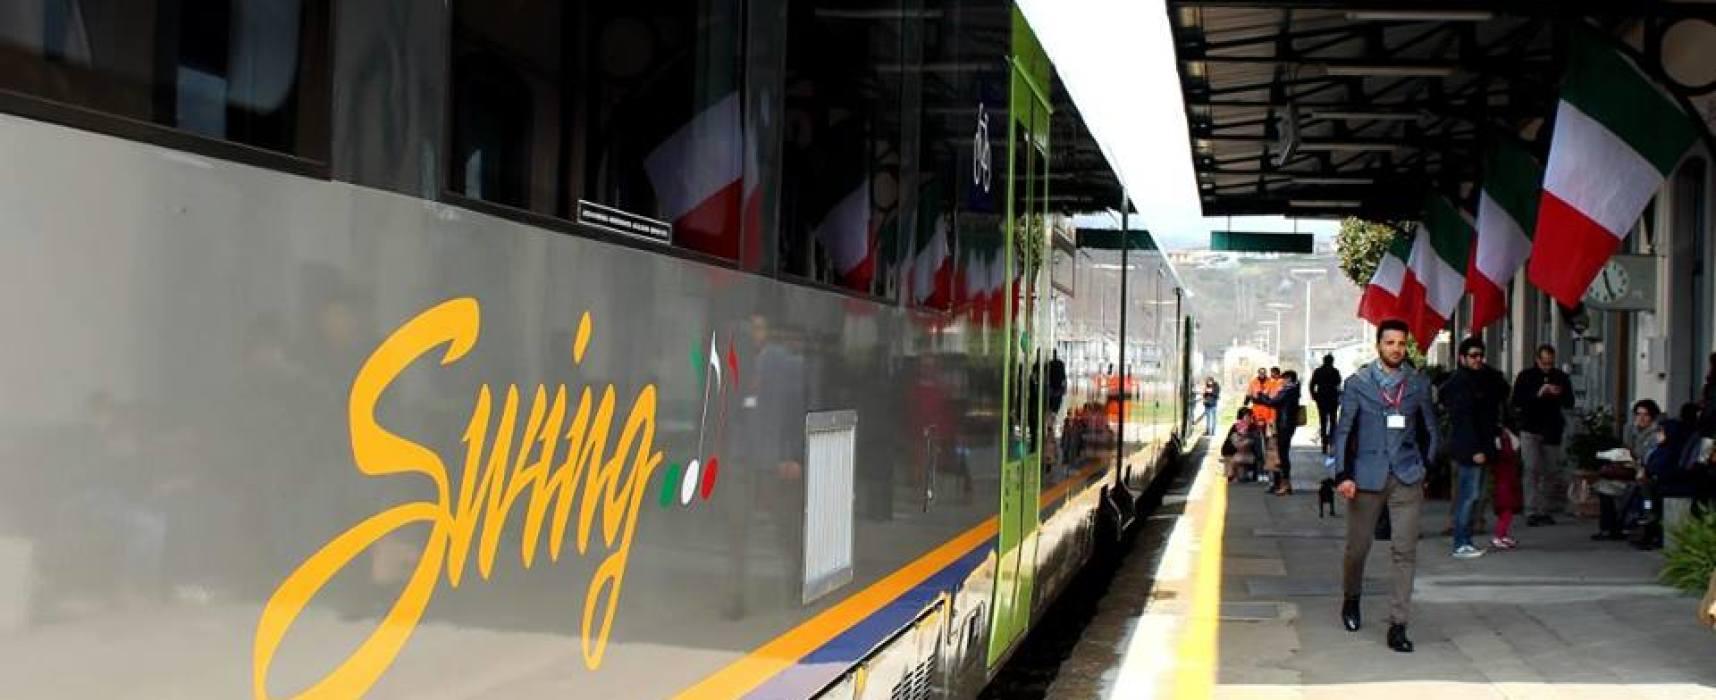 Le porte del treno non si aprono a Borgo a MOzzano